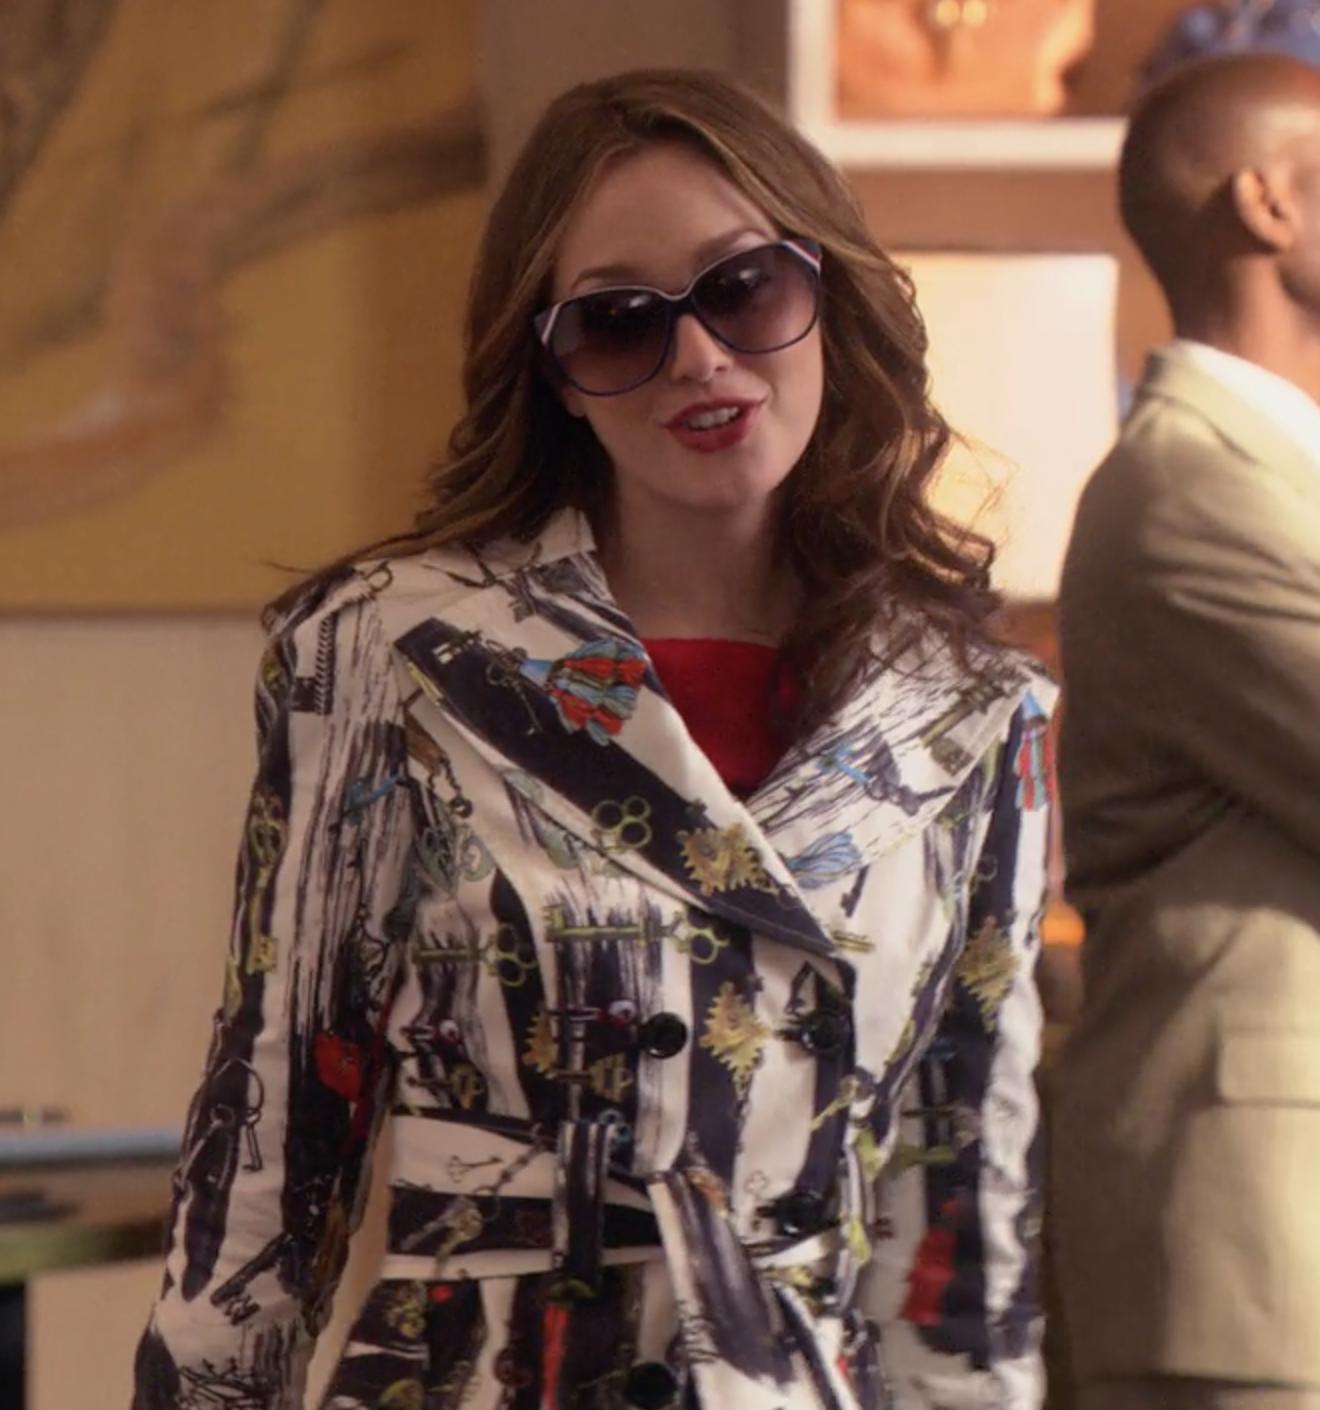 gossip girl season 3 episode 19 cucirca